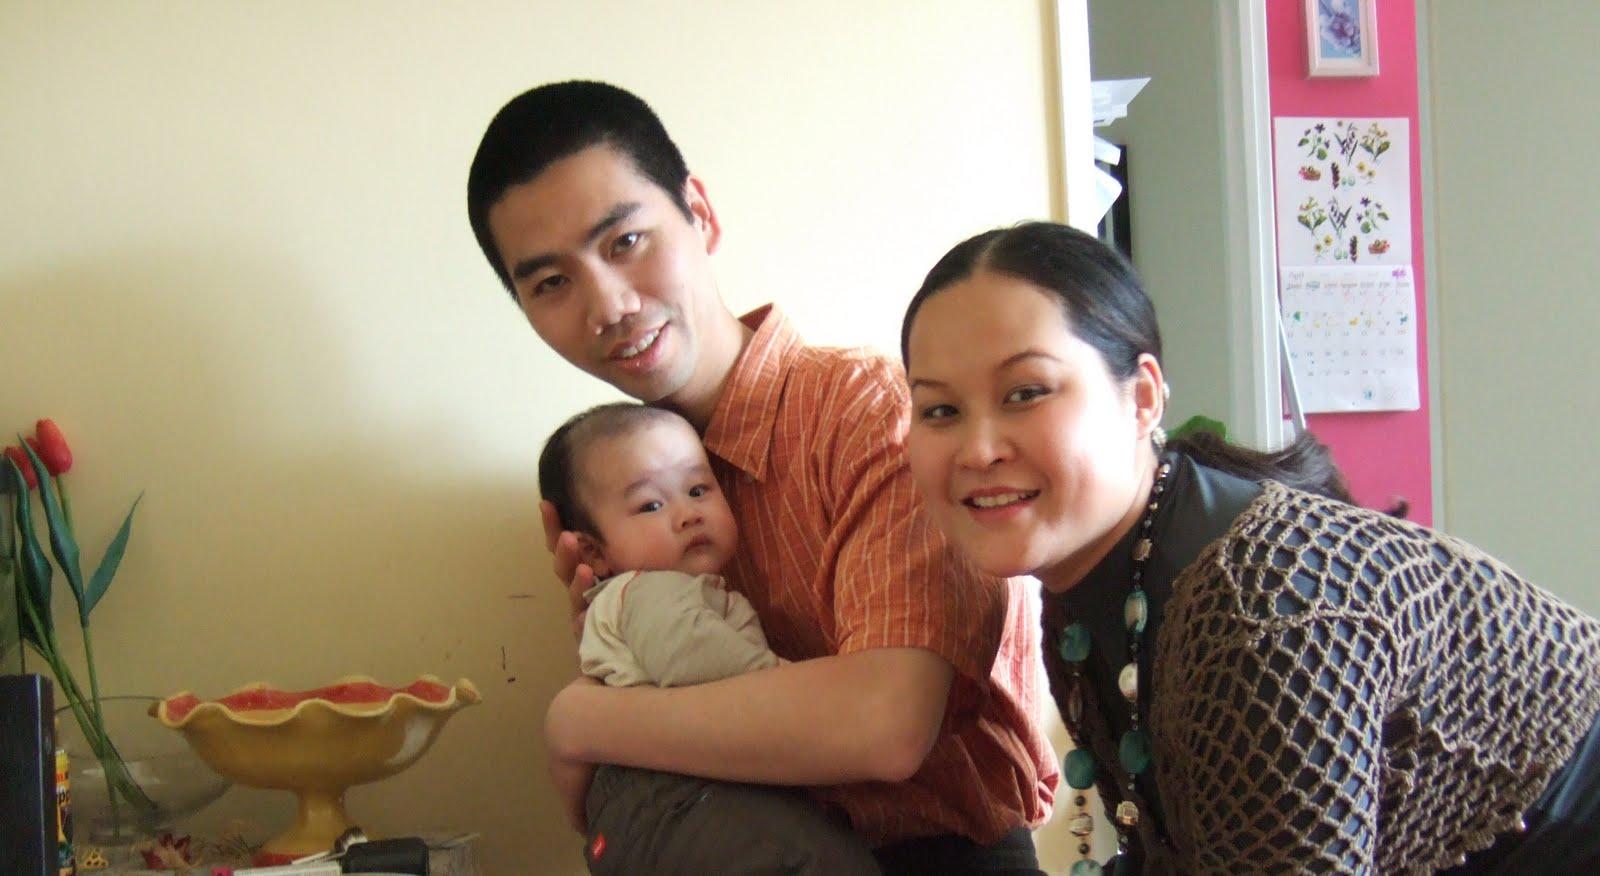 Choi+Me+Ruot Choi Me Ruot http://phongtigrou.blogspot.com/